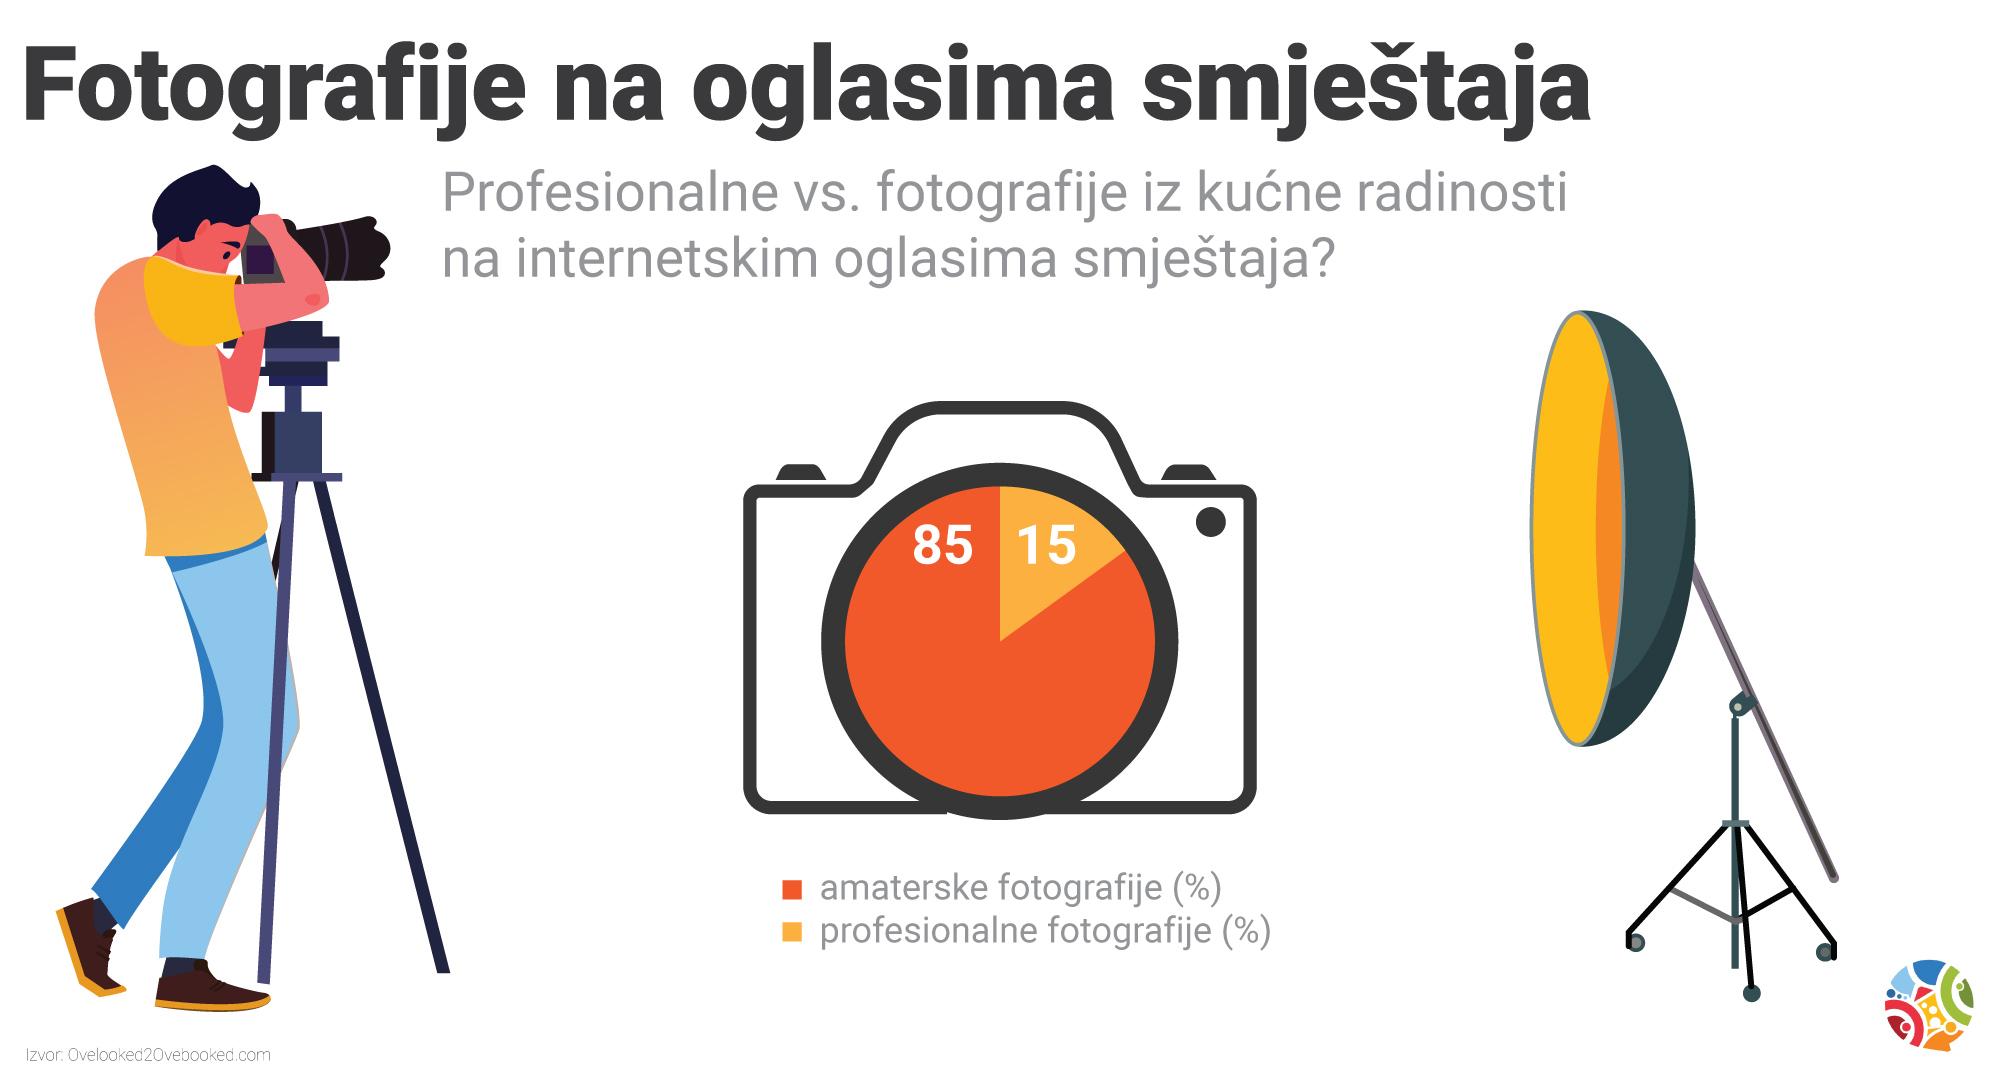 Koliko domaćina ima profesionalne fotografije smještaja?